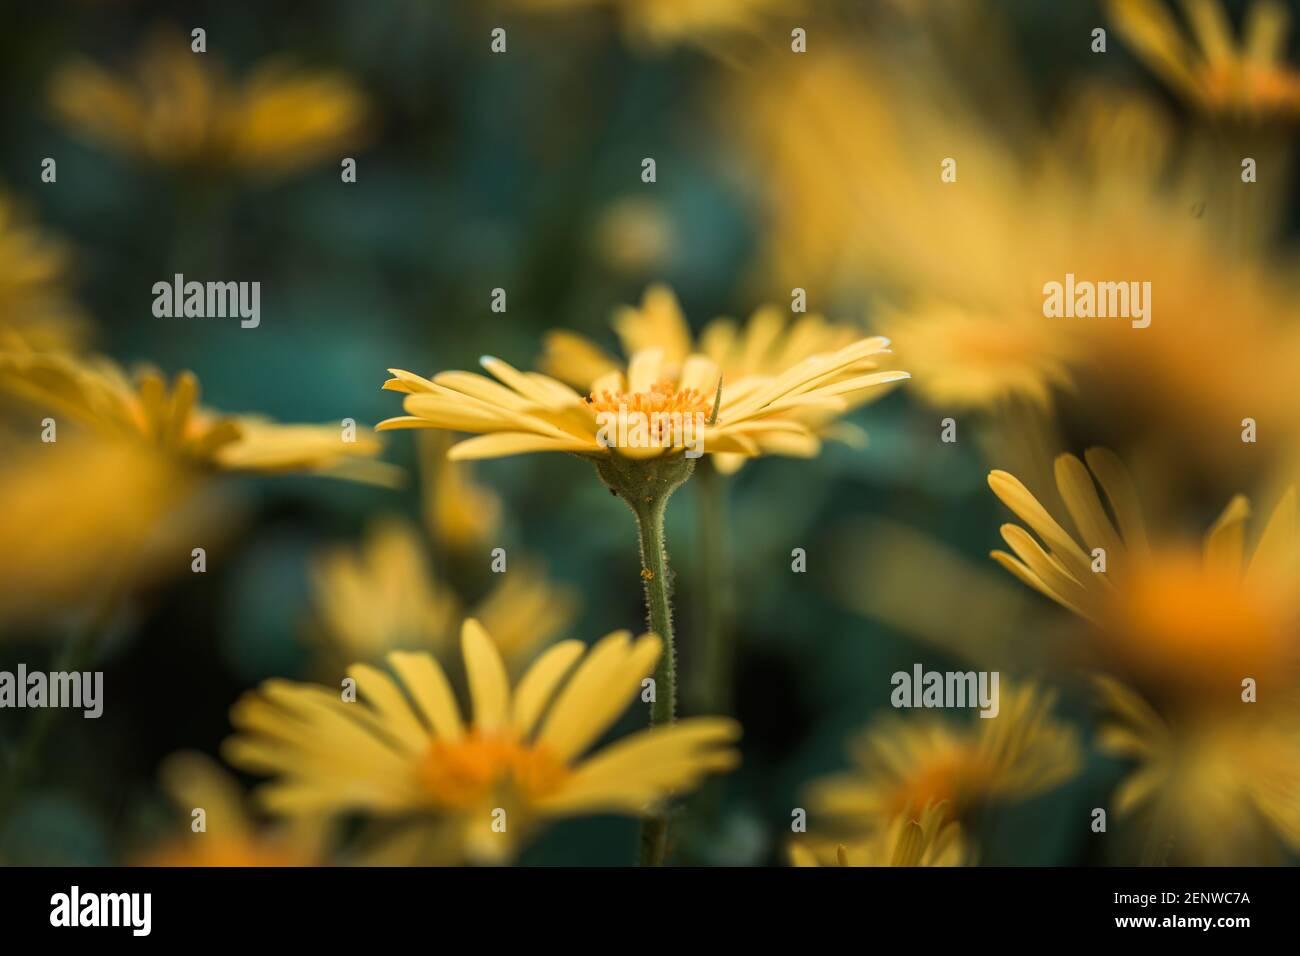 Doronicum orientale fiore giallo primo piano. Conosciuto anche come fiori di rovina del leopardo. Daisy come fiore, sfondo moody. Foto Stock